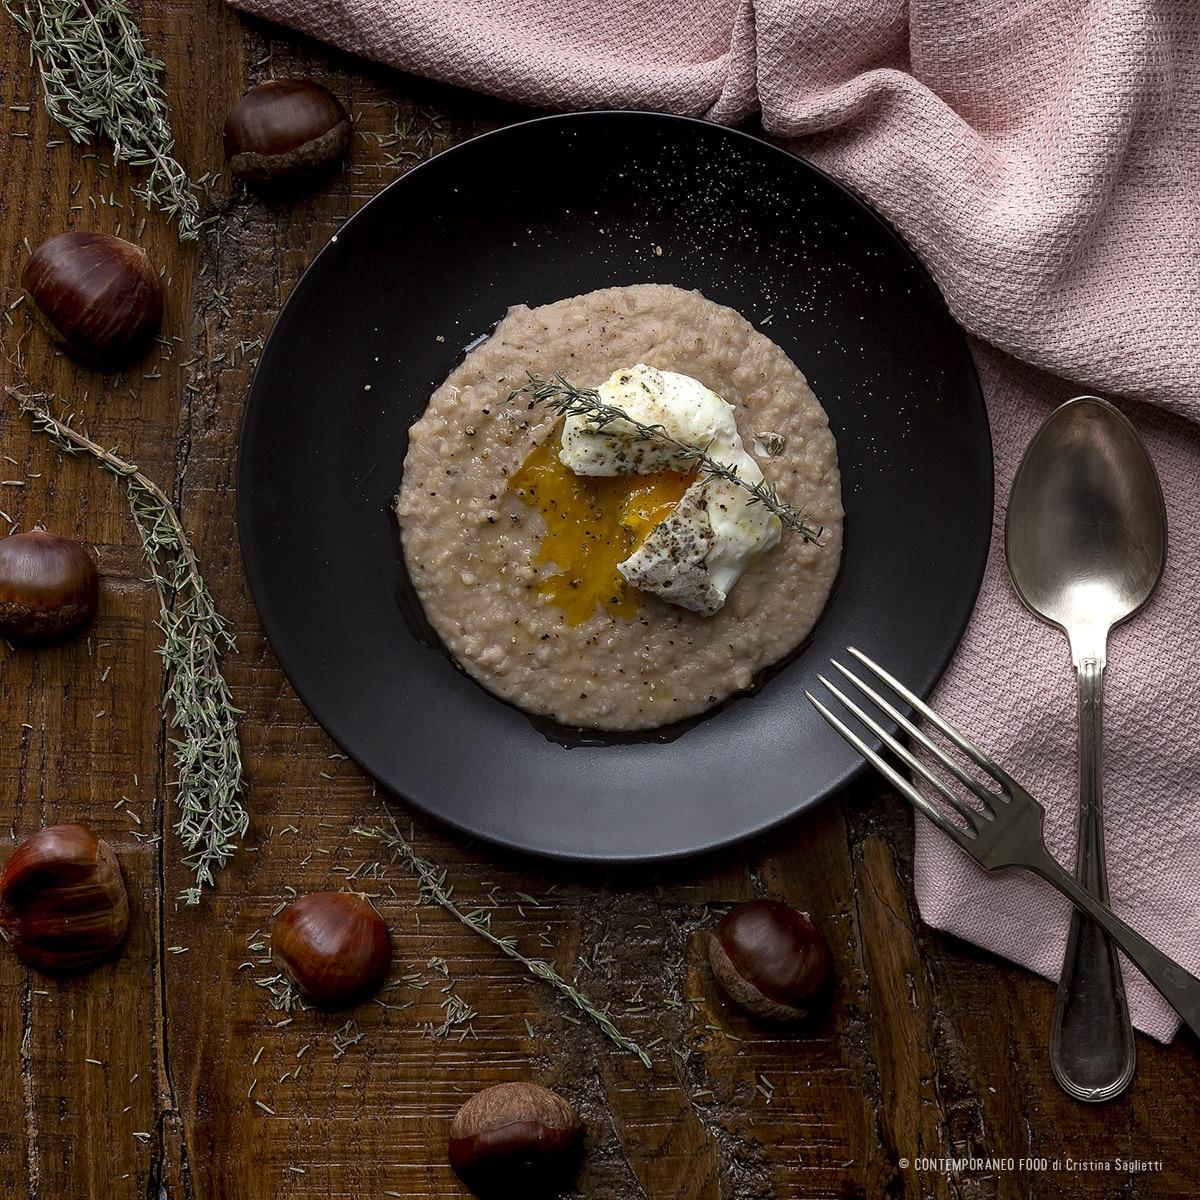 crema-di-castagne-uovo-poché-ricetta-facile-natale-contemporaneo-food